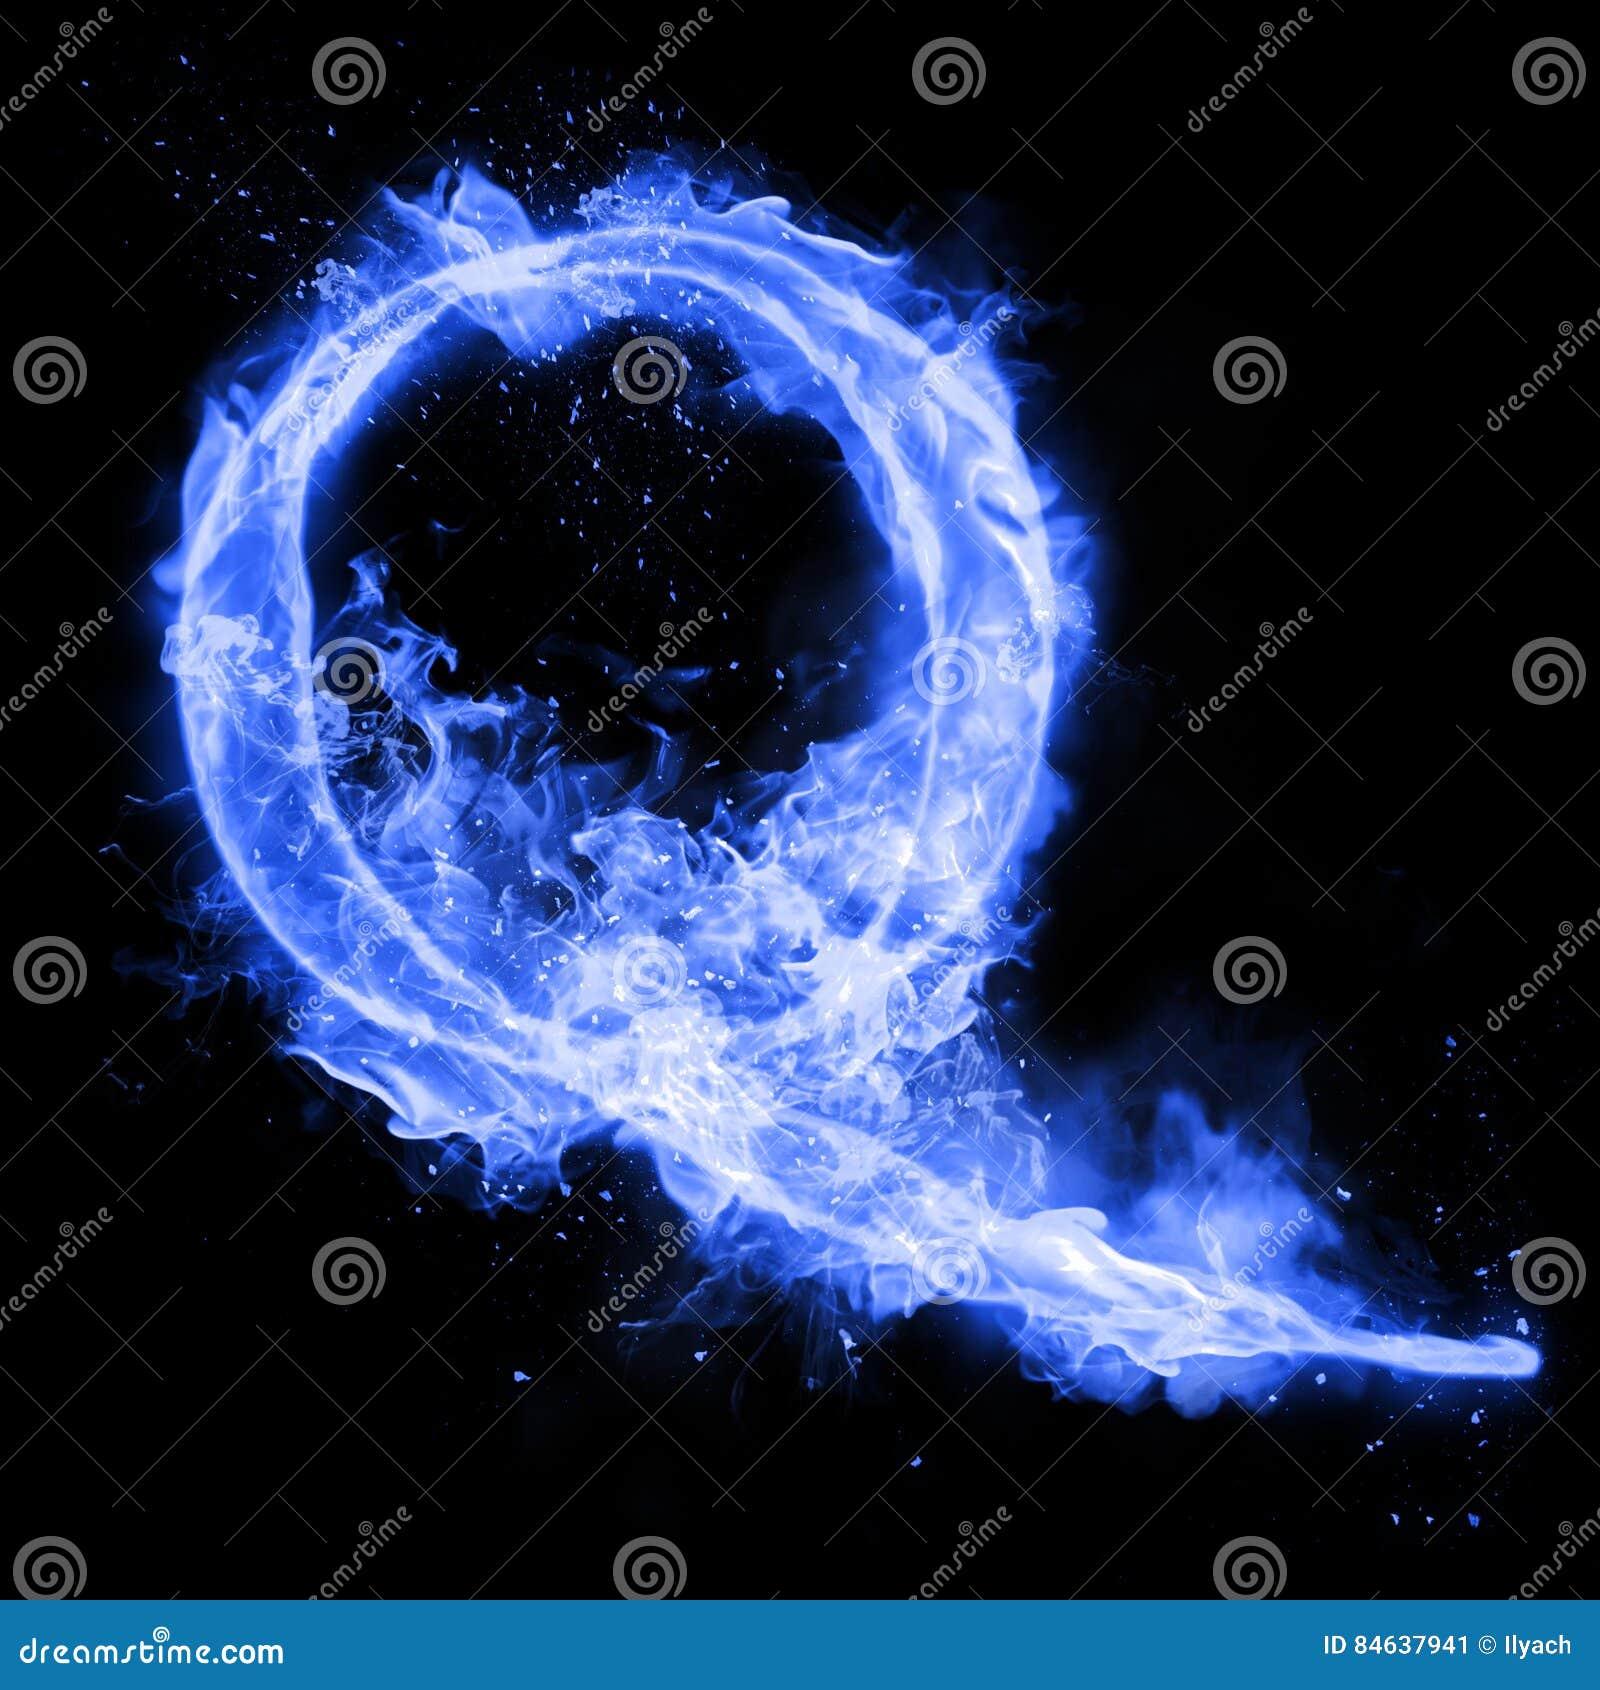 Fire Letter Q Of Burning Flame Light Stock Illustration